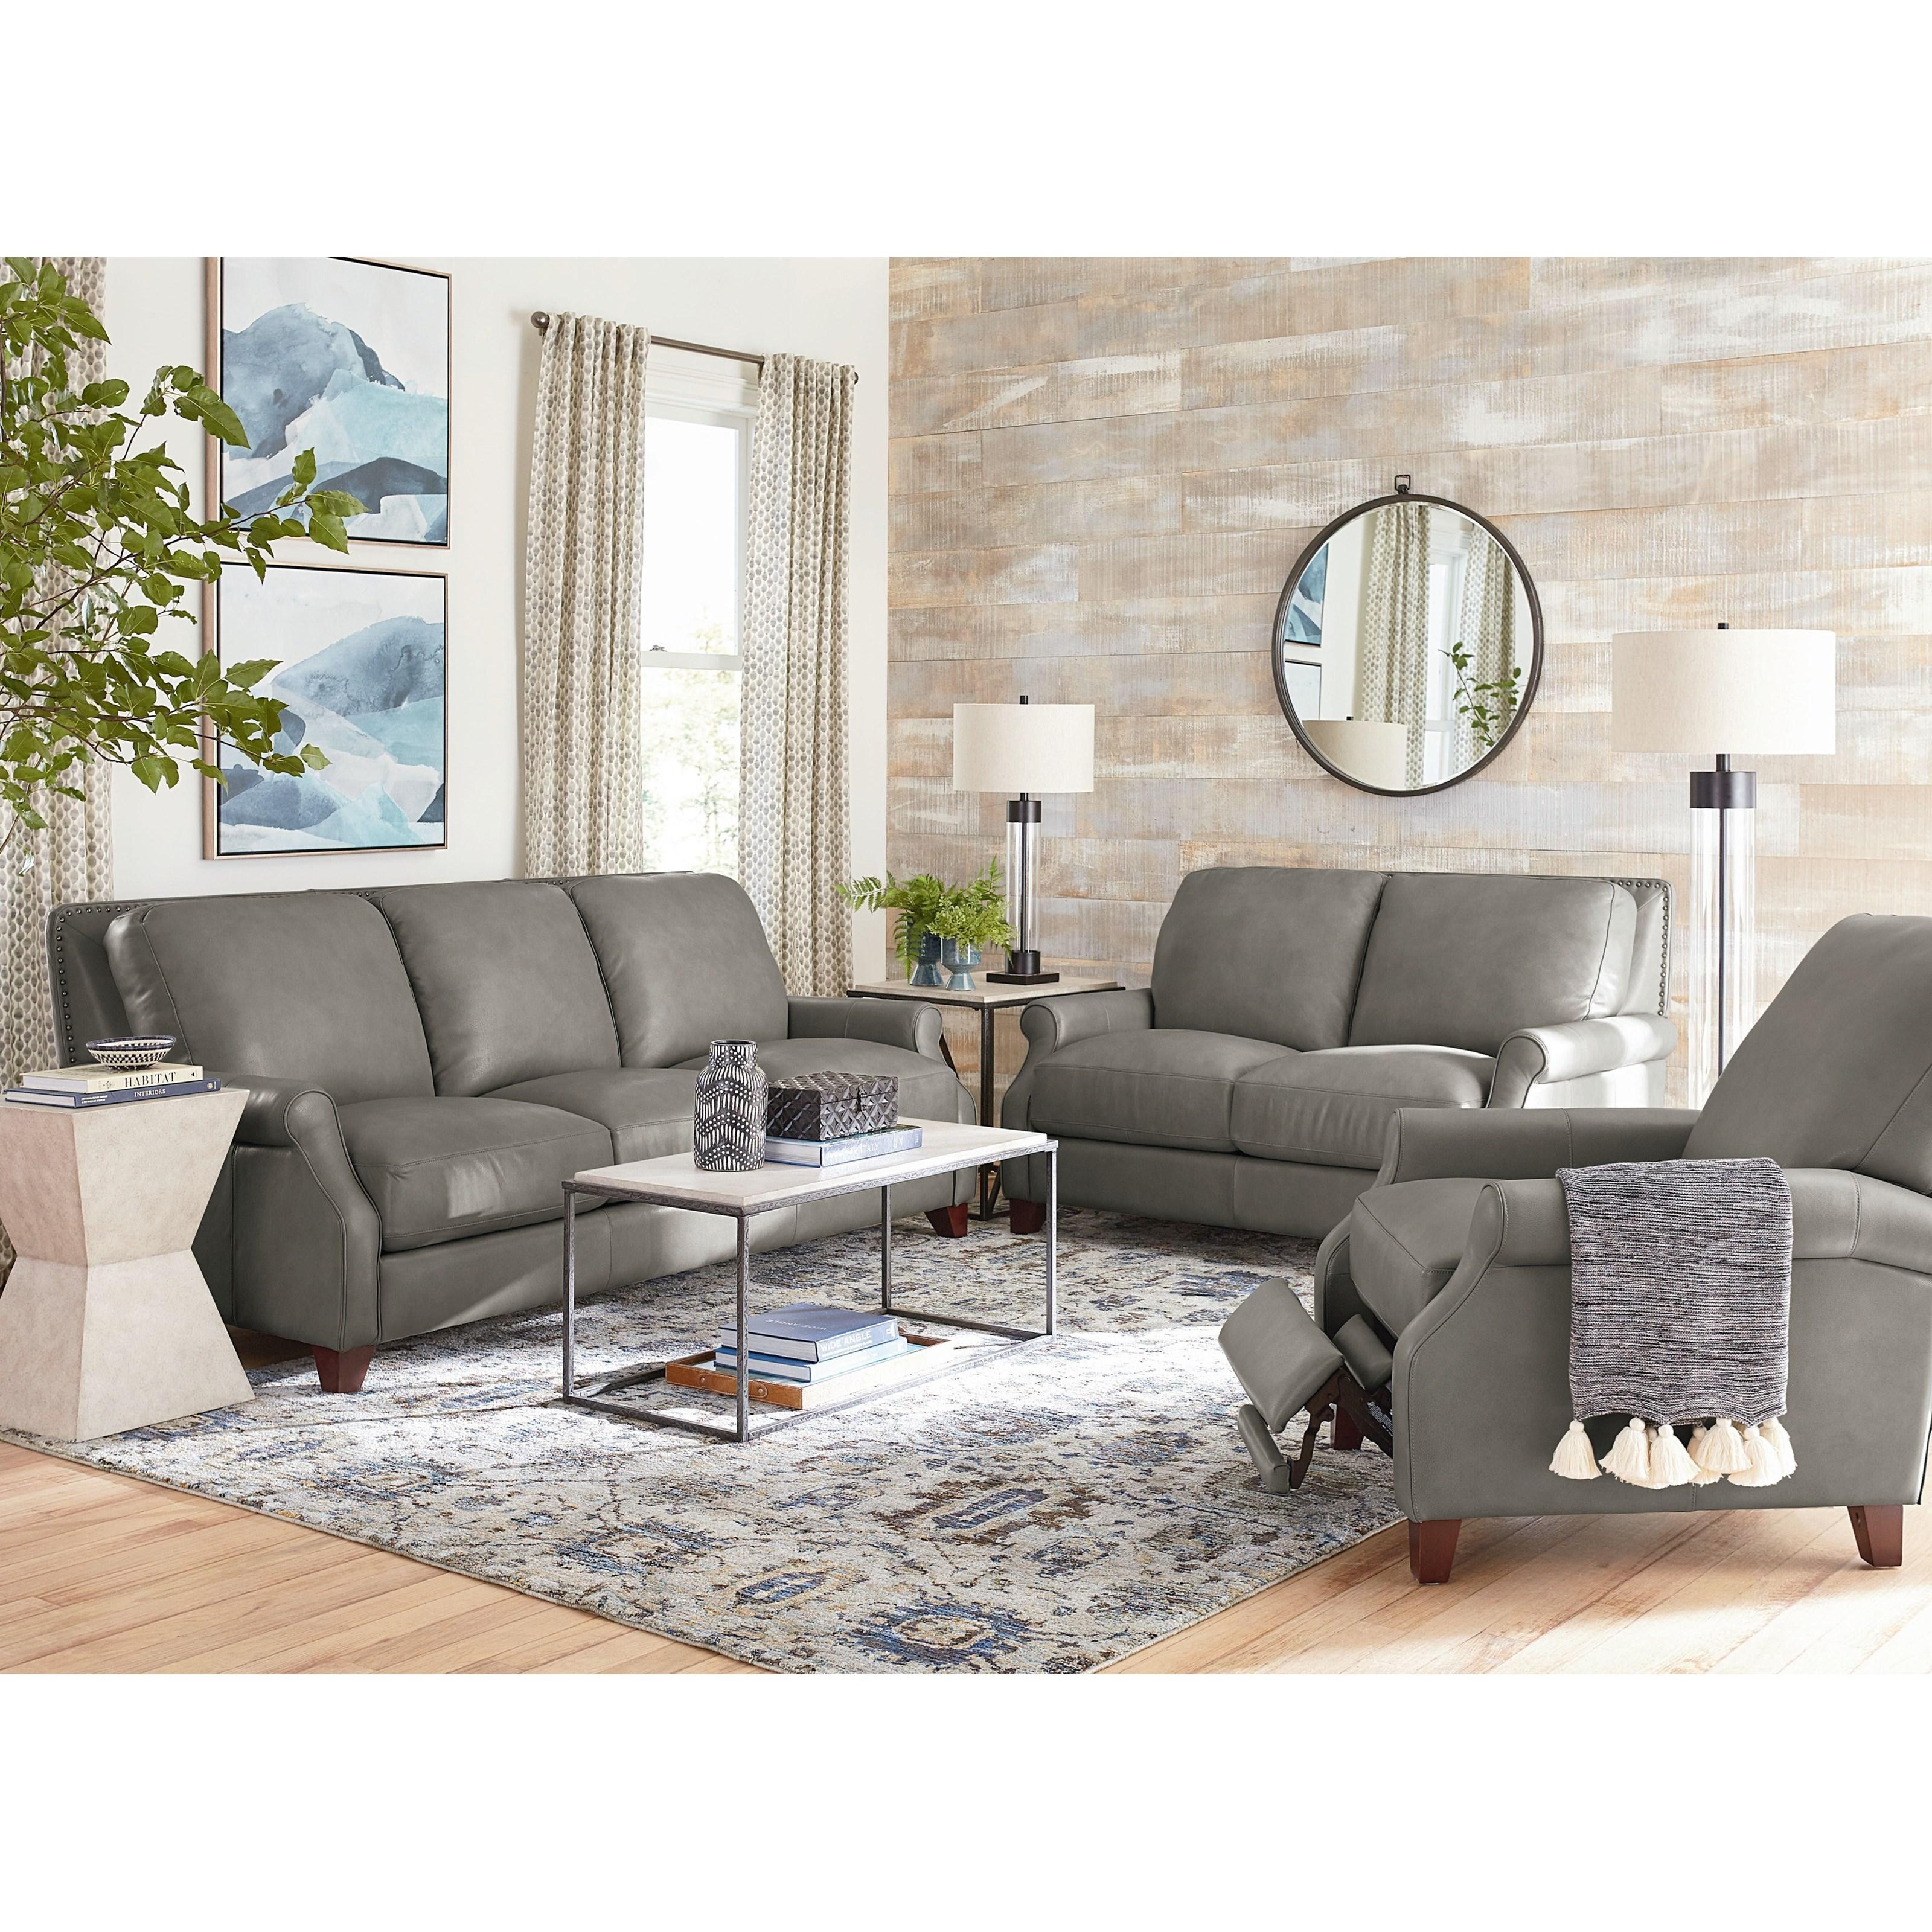 Greyson Living Room Group by Bassett at Bassett of Cool Springs